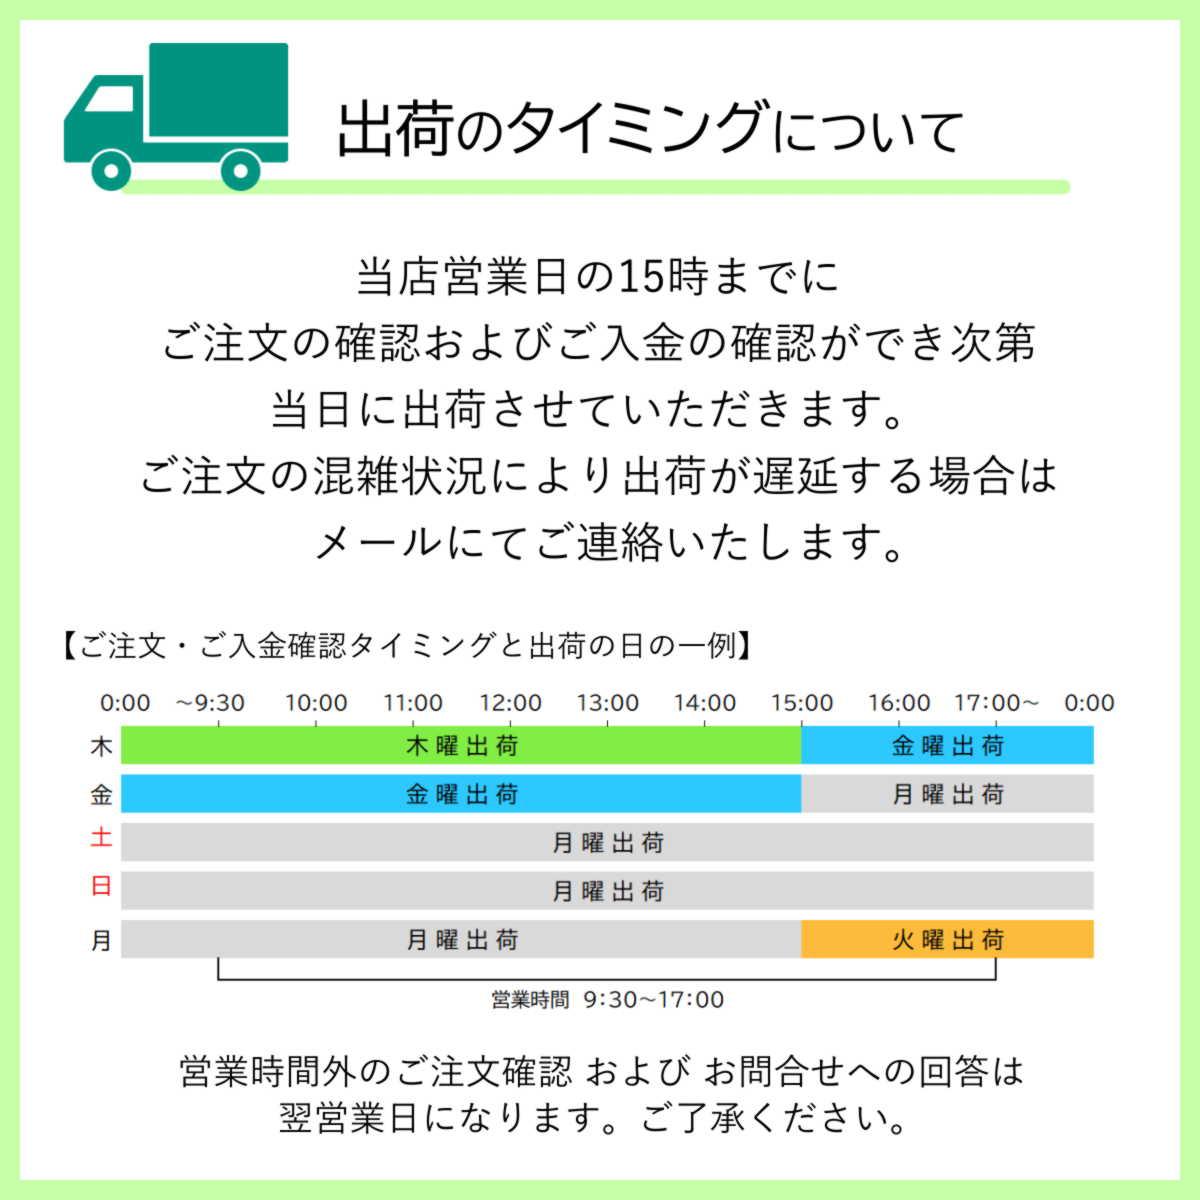 ピアチェーレ 消毒スプレー 15ml ※沖縄県への配送はできません